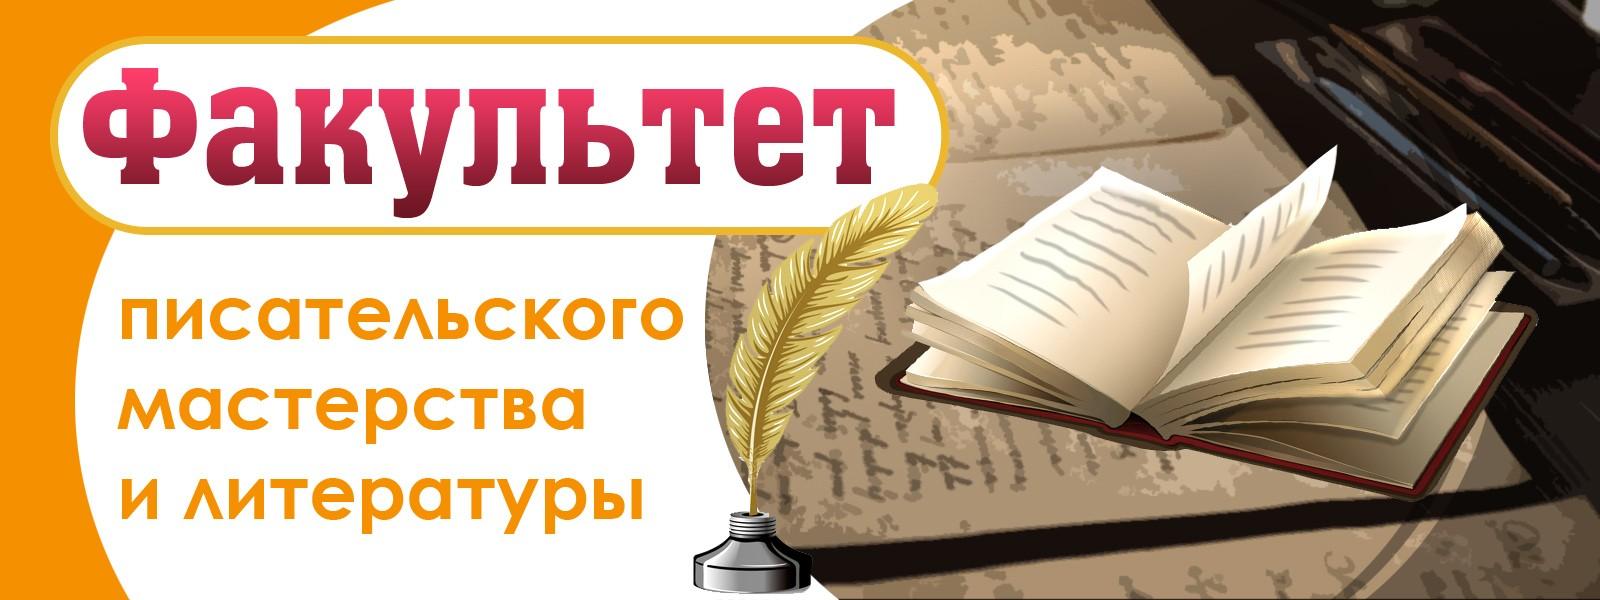 факультет писательского мастерства и литературы